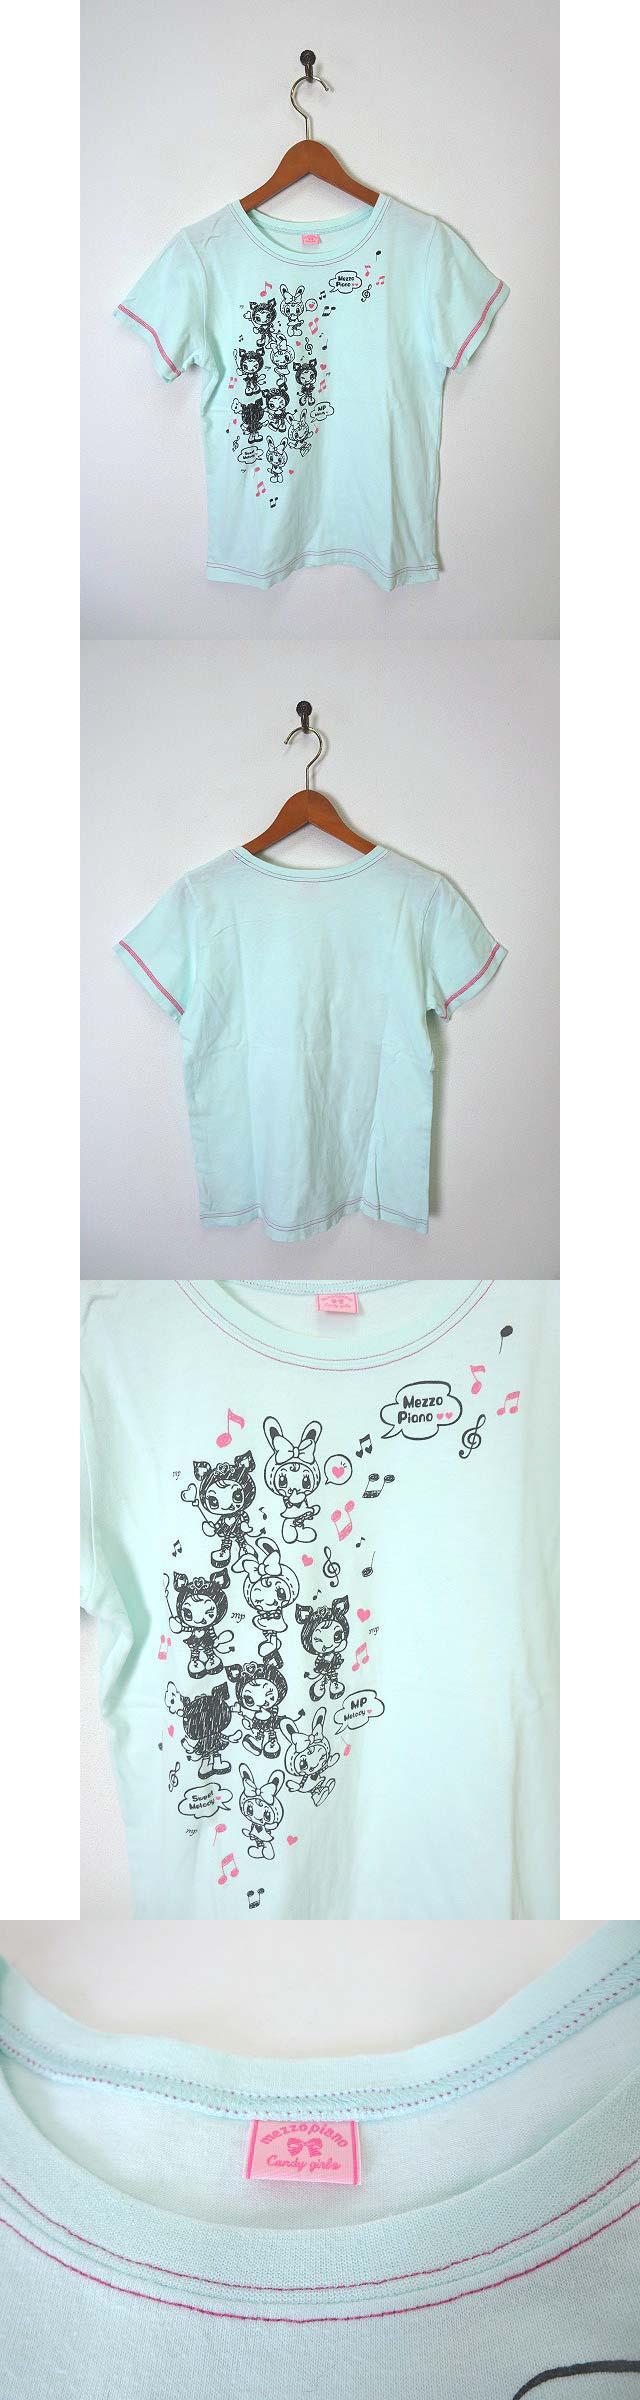 Tシャツ ベリーちゃん デビリーちゃん プリント 半袖 160 ミント 女の子